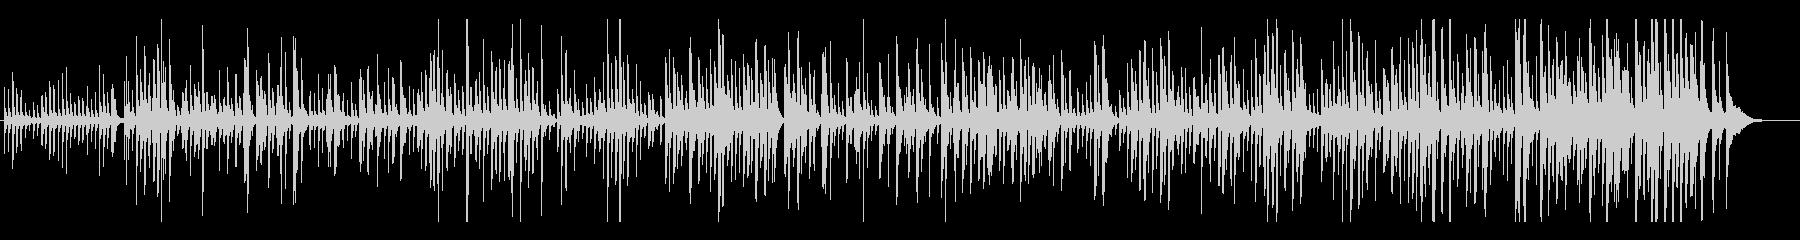 穏やかで厳かな弦楽二重奏:J.S.バッハの未再生の波形